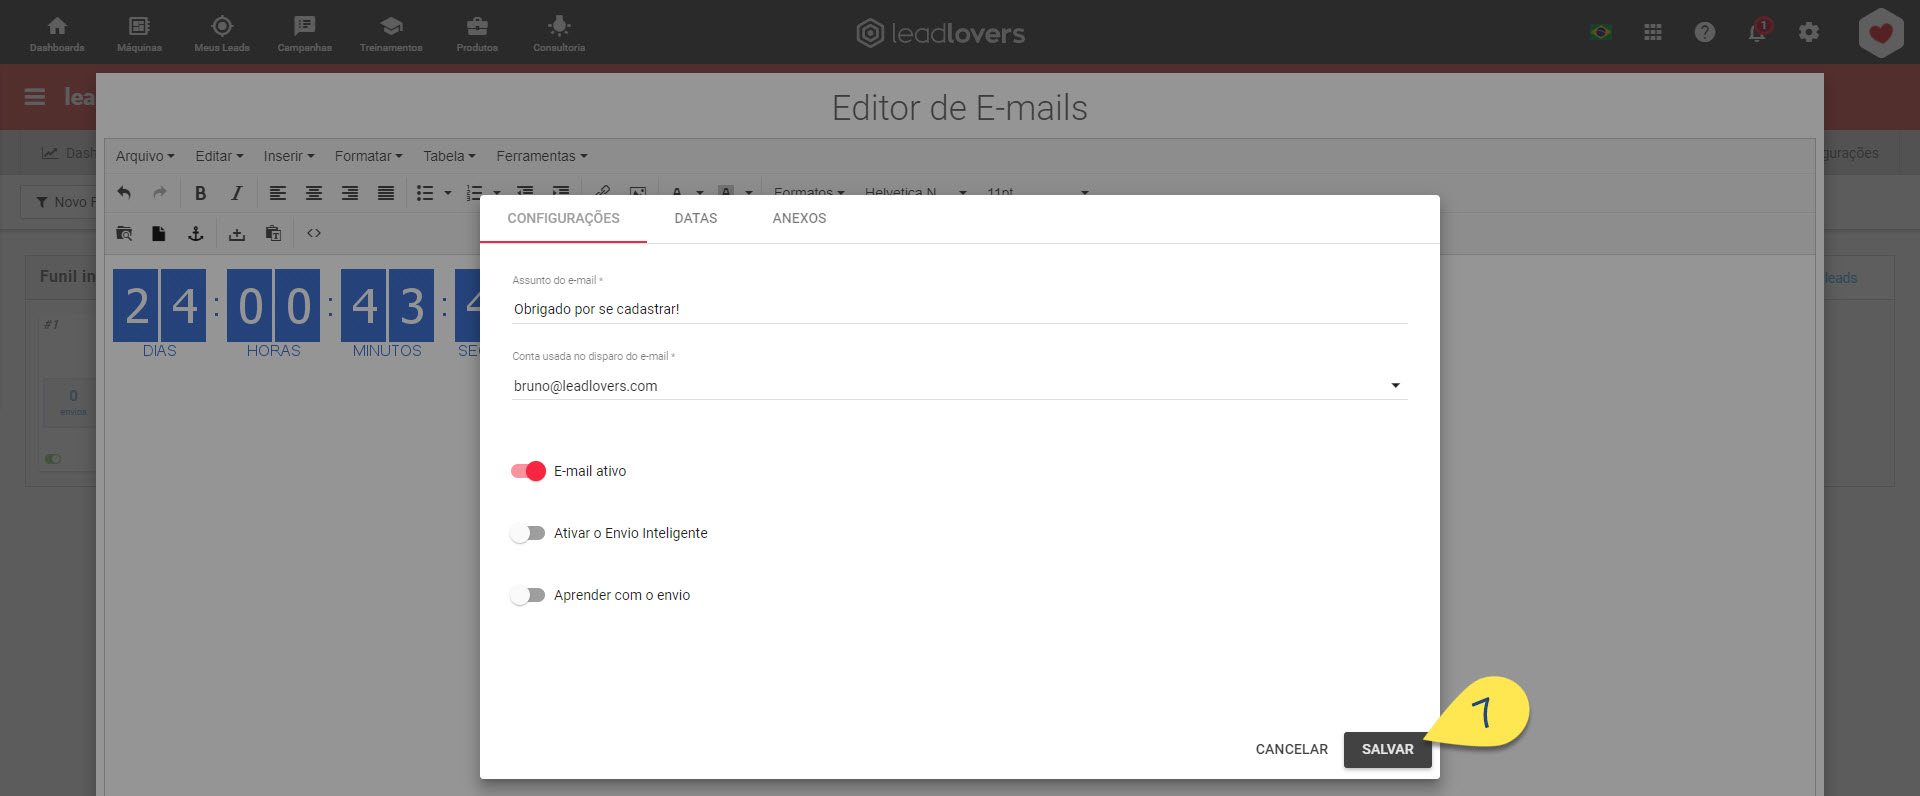 Concluindo edição do e-mail